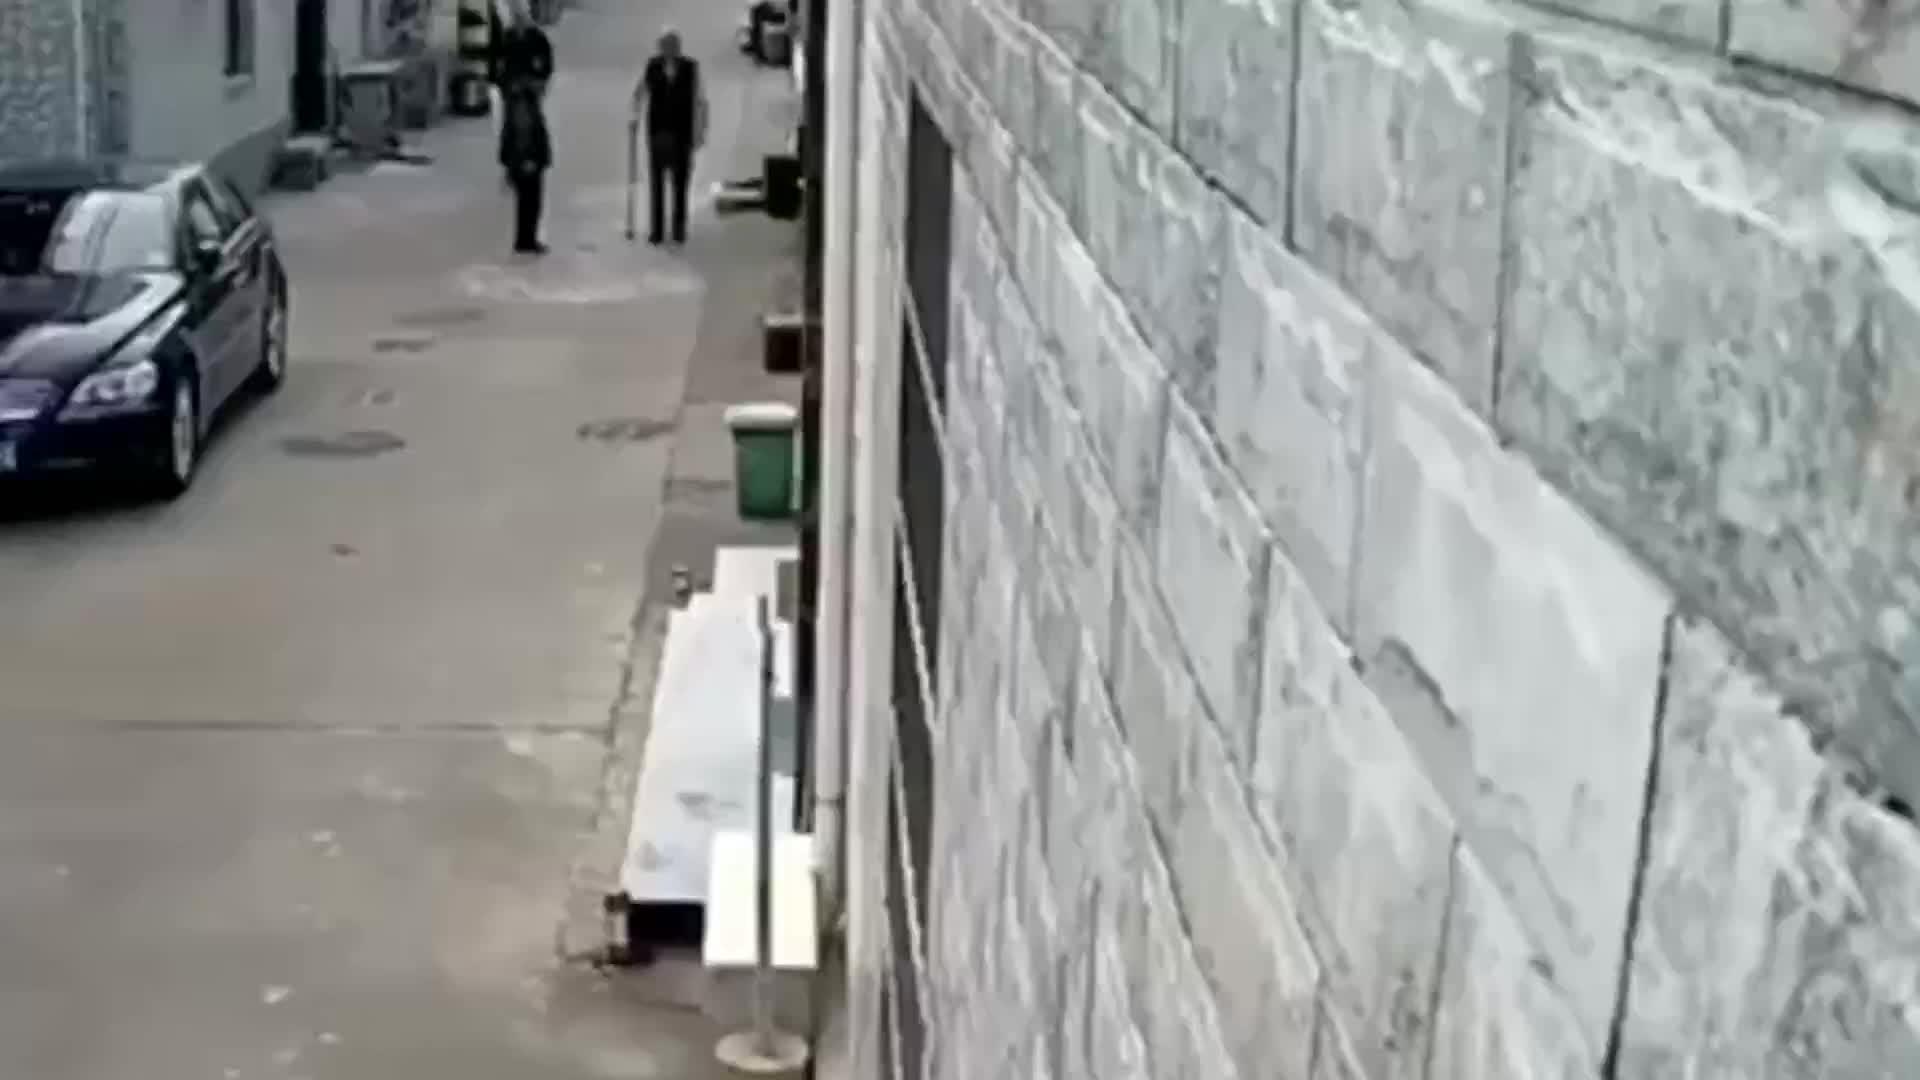 连捅多刀杀害老人!死者生前疑似曾遭威胁报警!